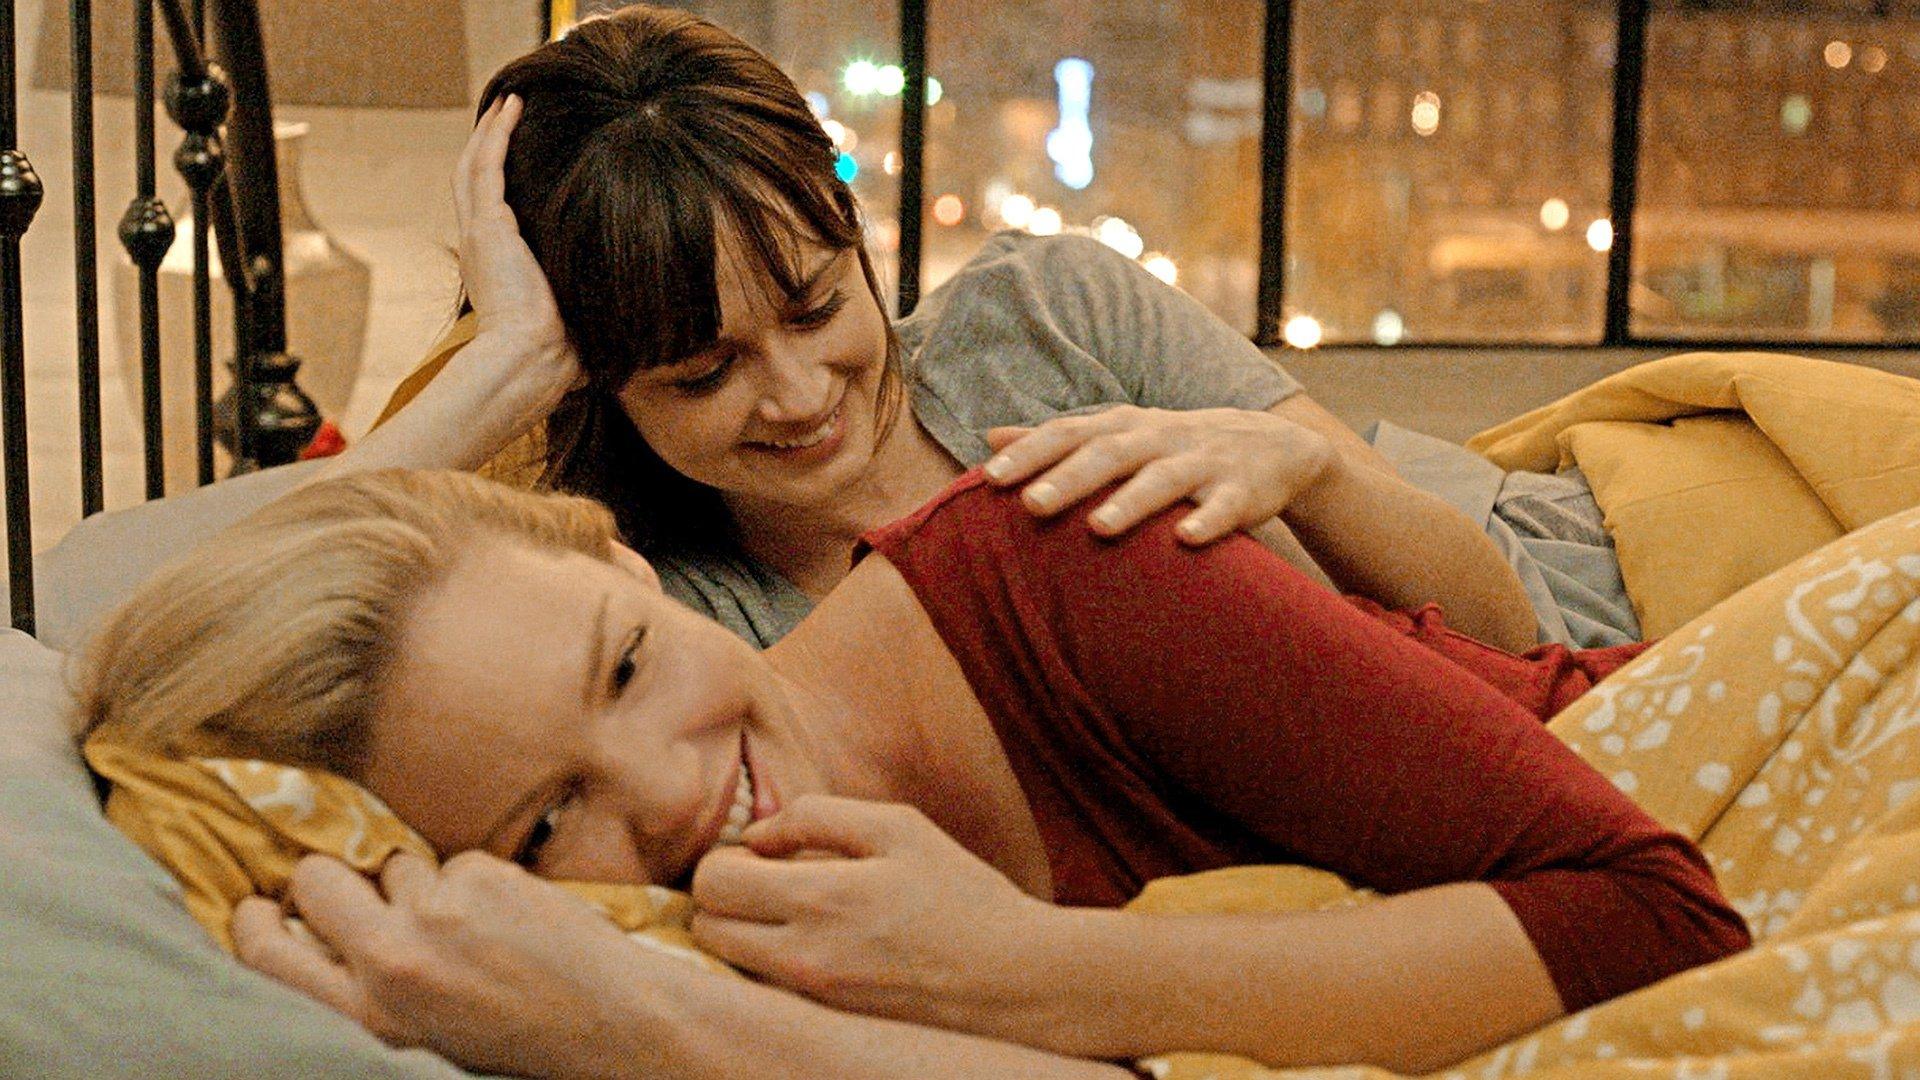 лесбиянки фильмы в хорошем качестве